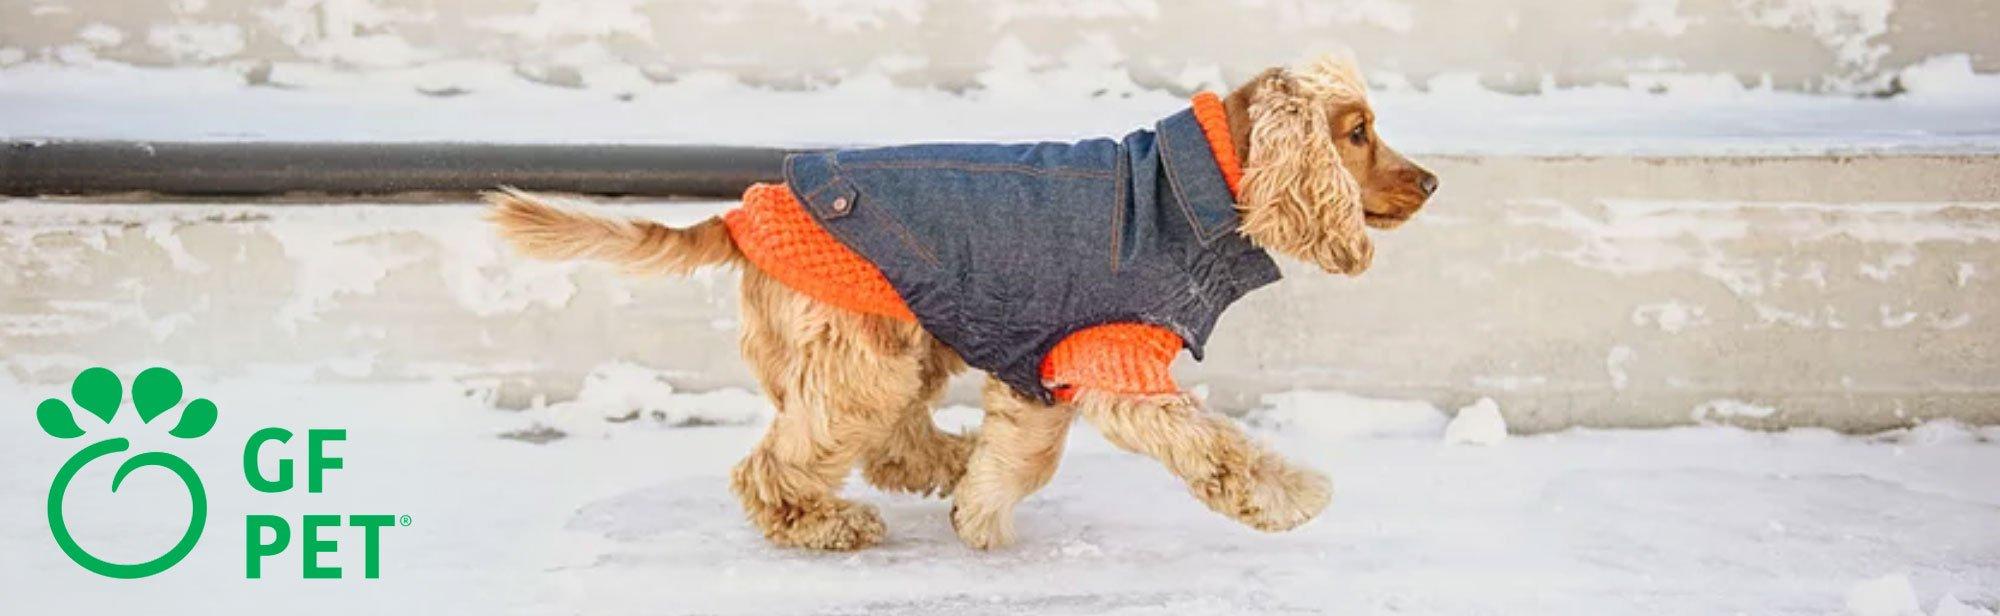 GF Pet Hundebekleidung, Bild 6